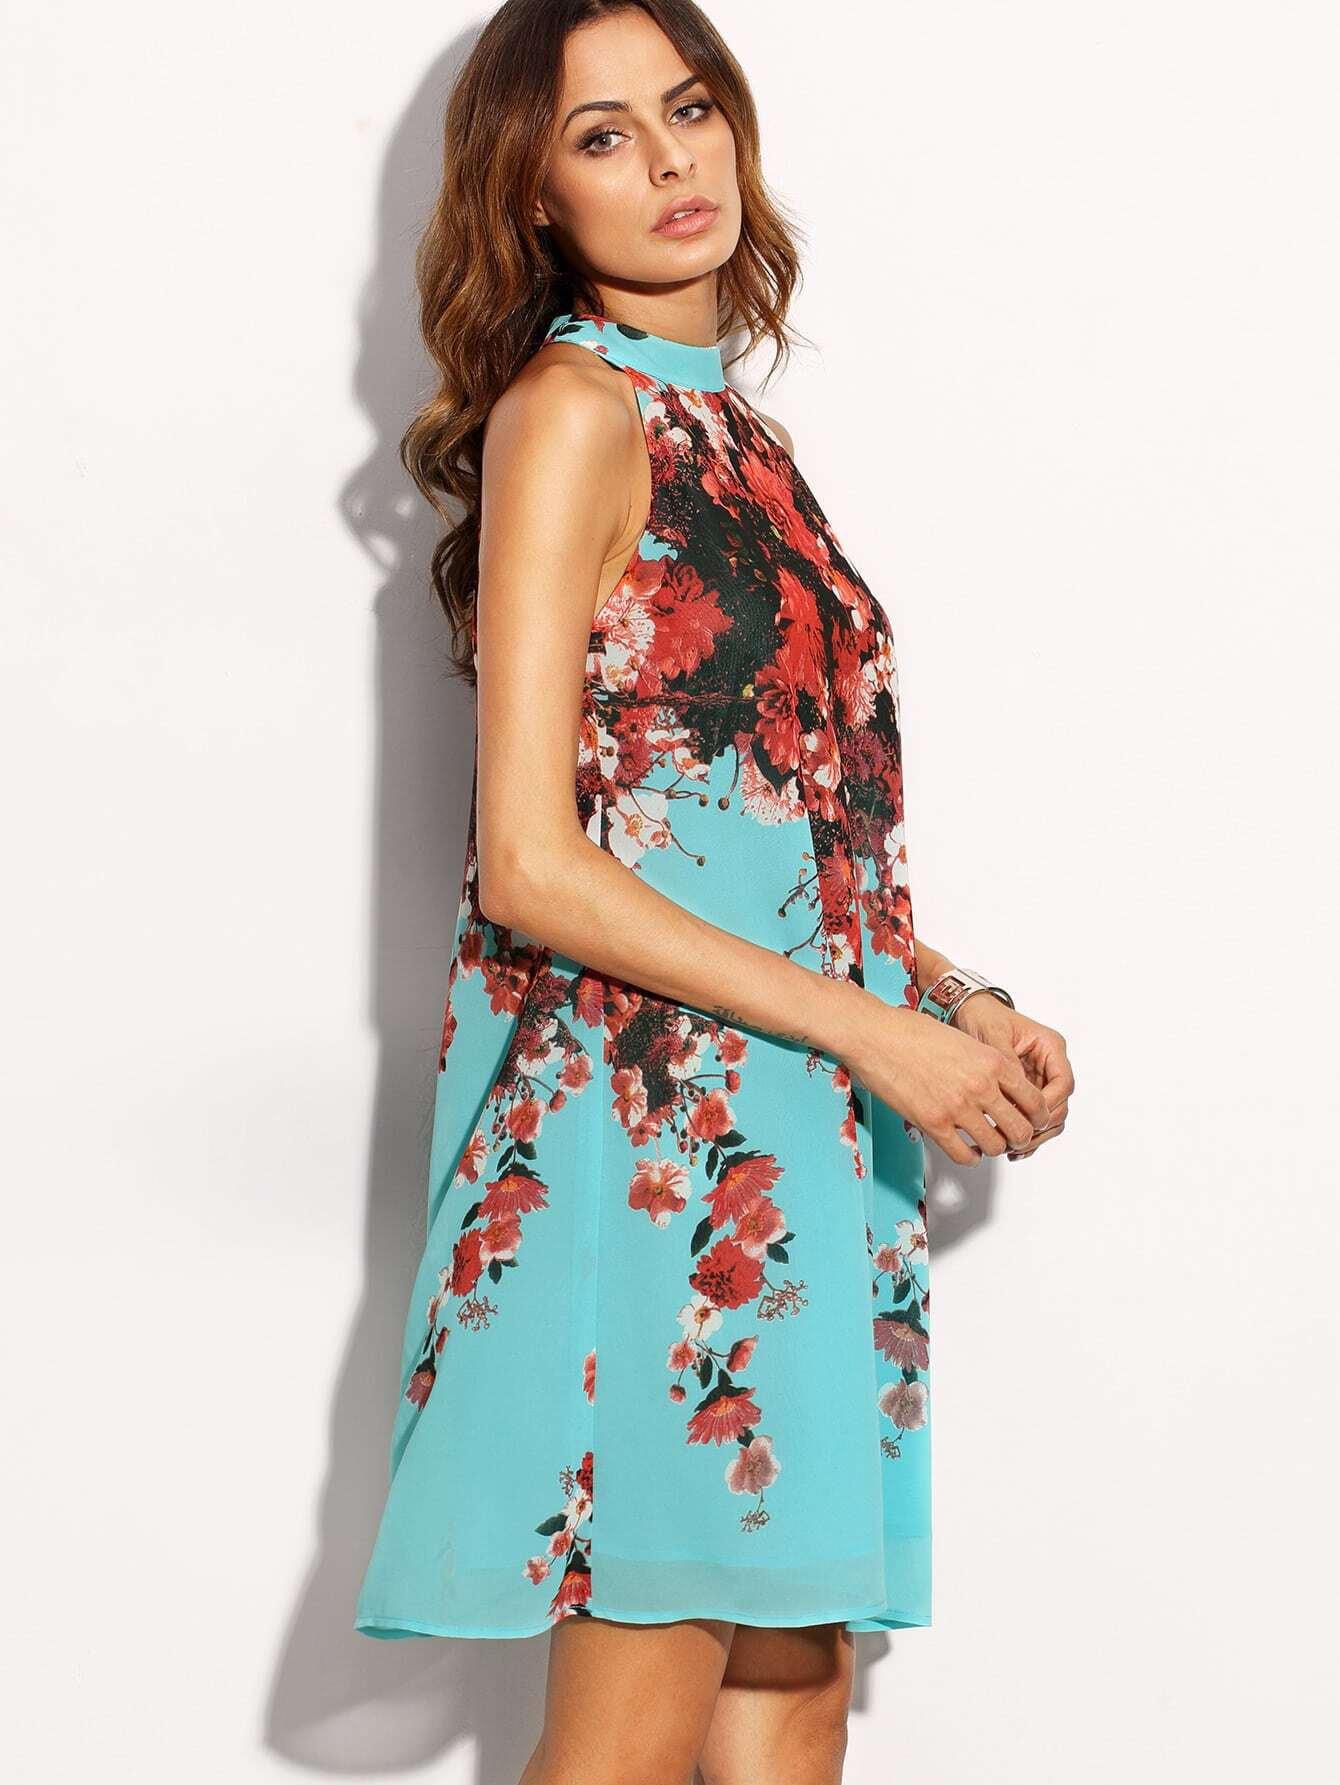 dress160728720_4